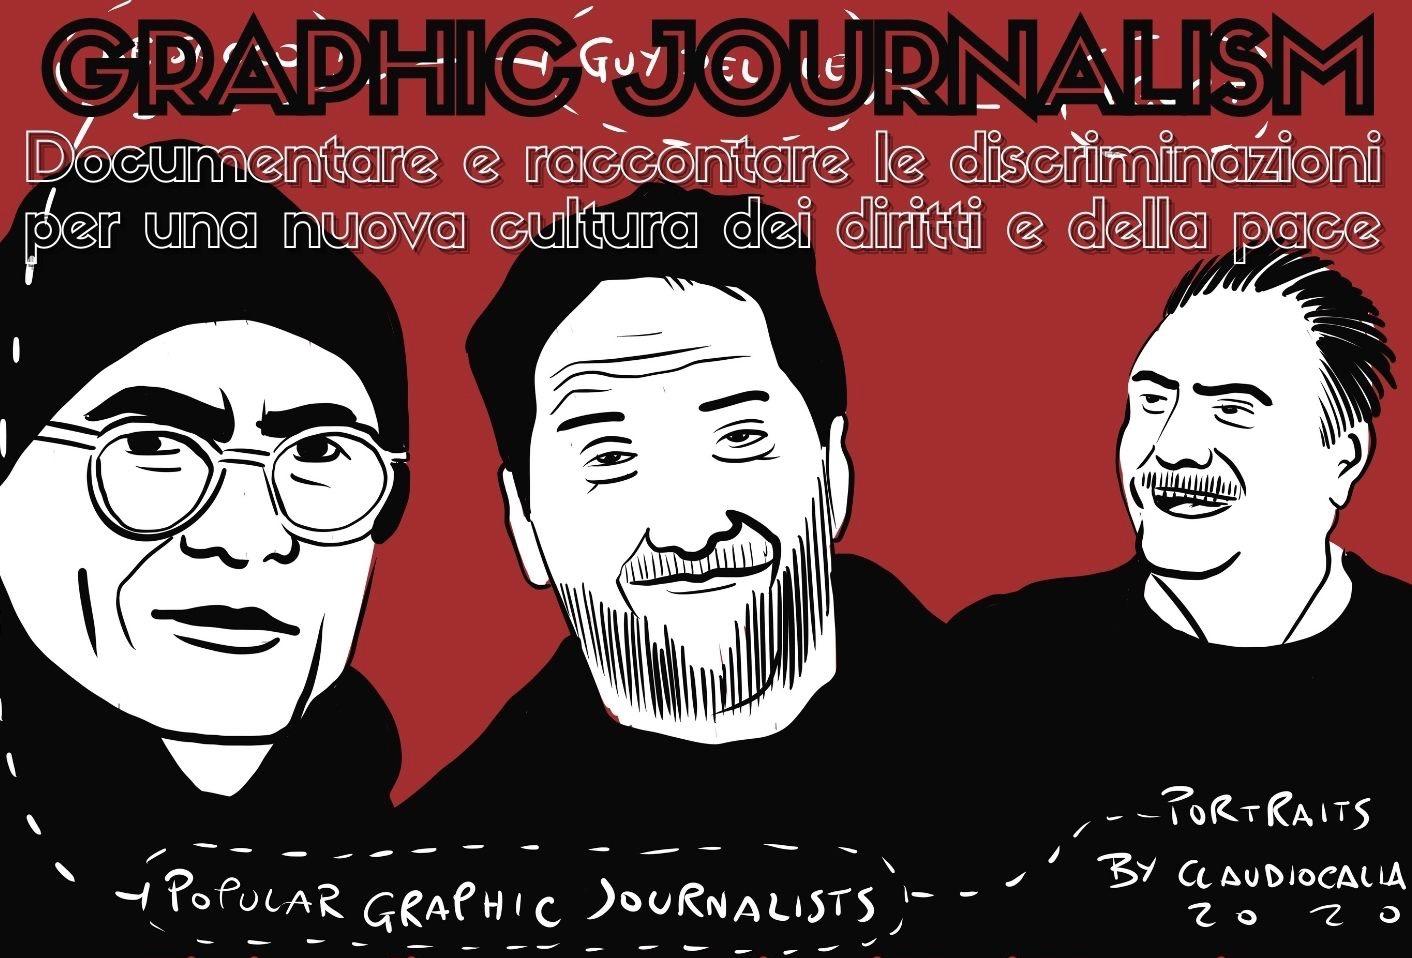 """La cooperativa sociale Le Pagine è partner del progetto sul Graphic journalism, vincitore del bando """"Pace"""" della Regione ER"""